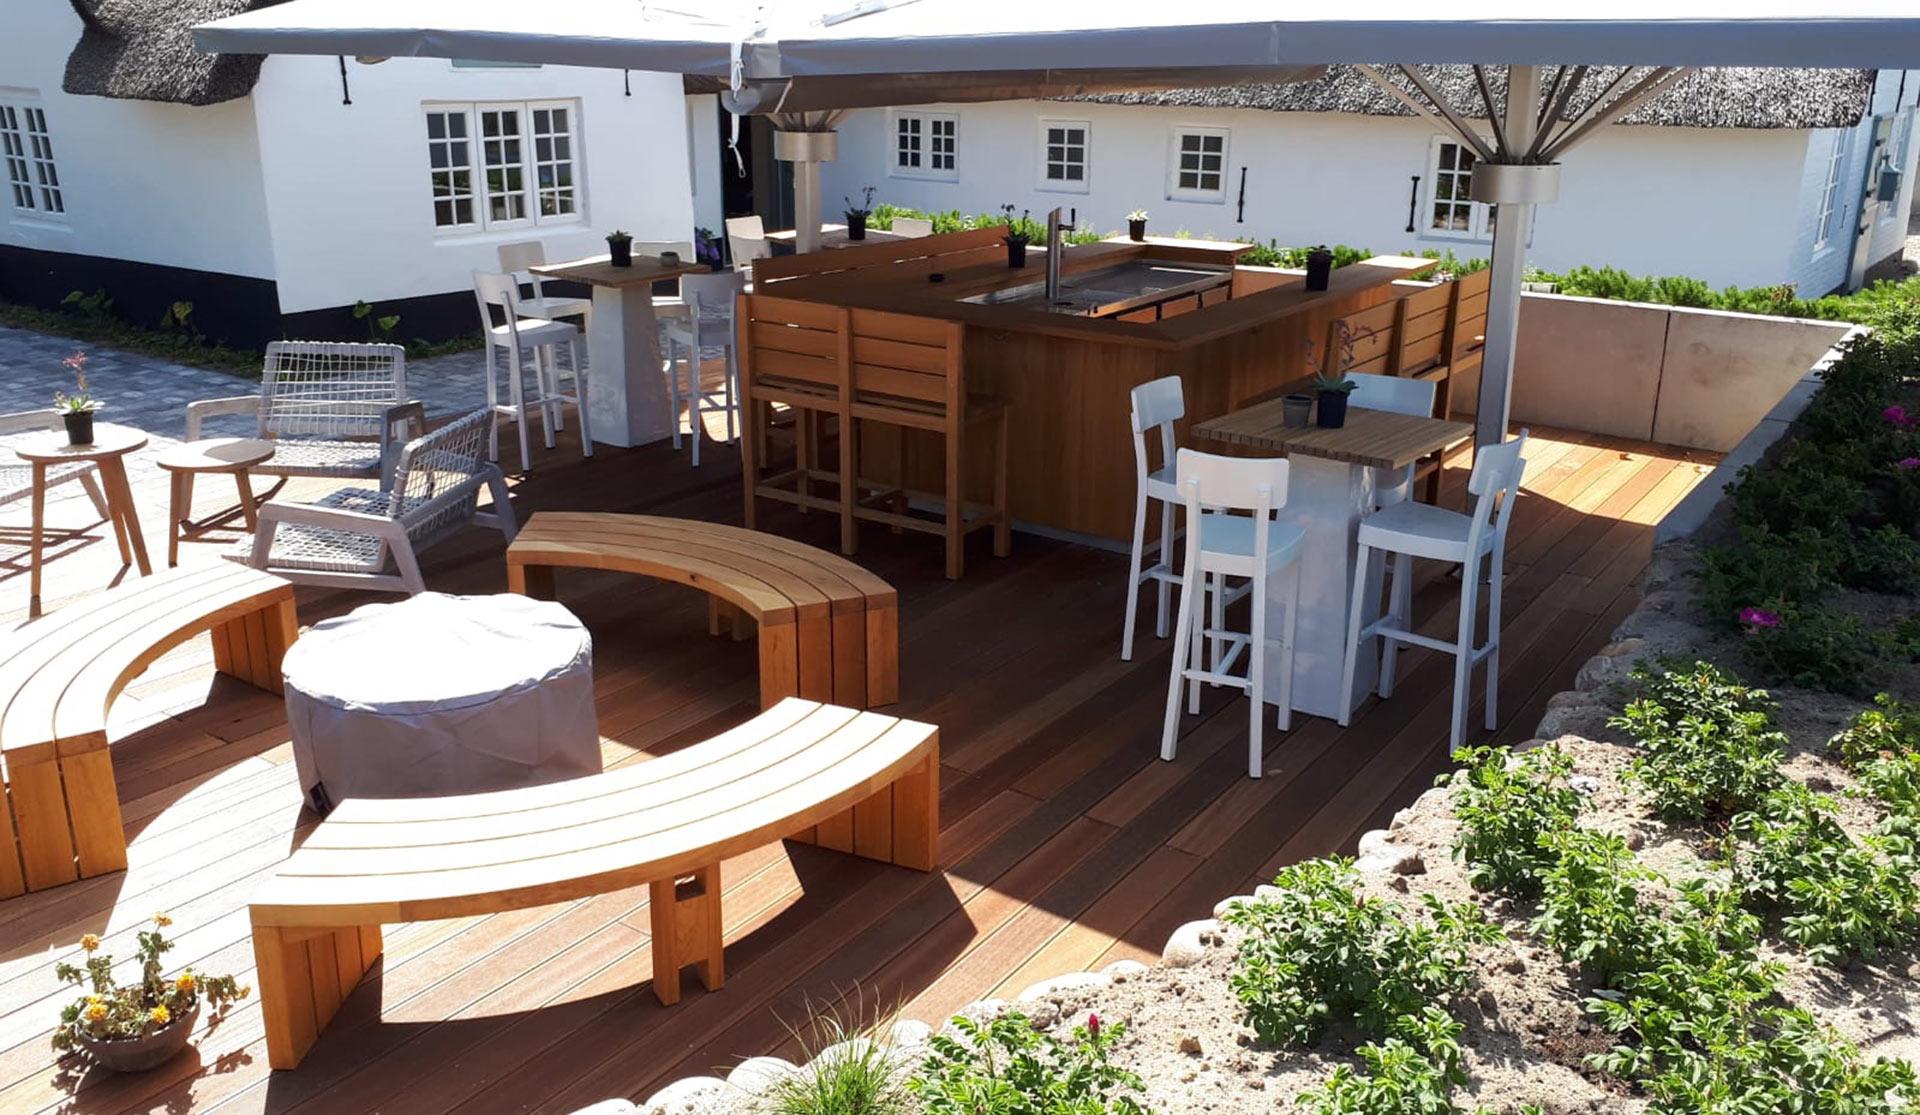 #dieallesschreiner auf Sylt | HolzLand Bunzel in Marl und Hamm | Renovierung Terrasse